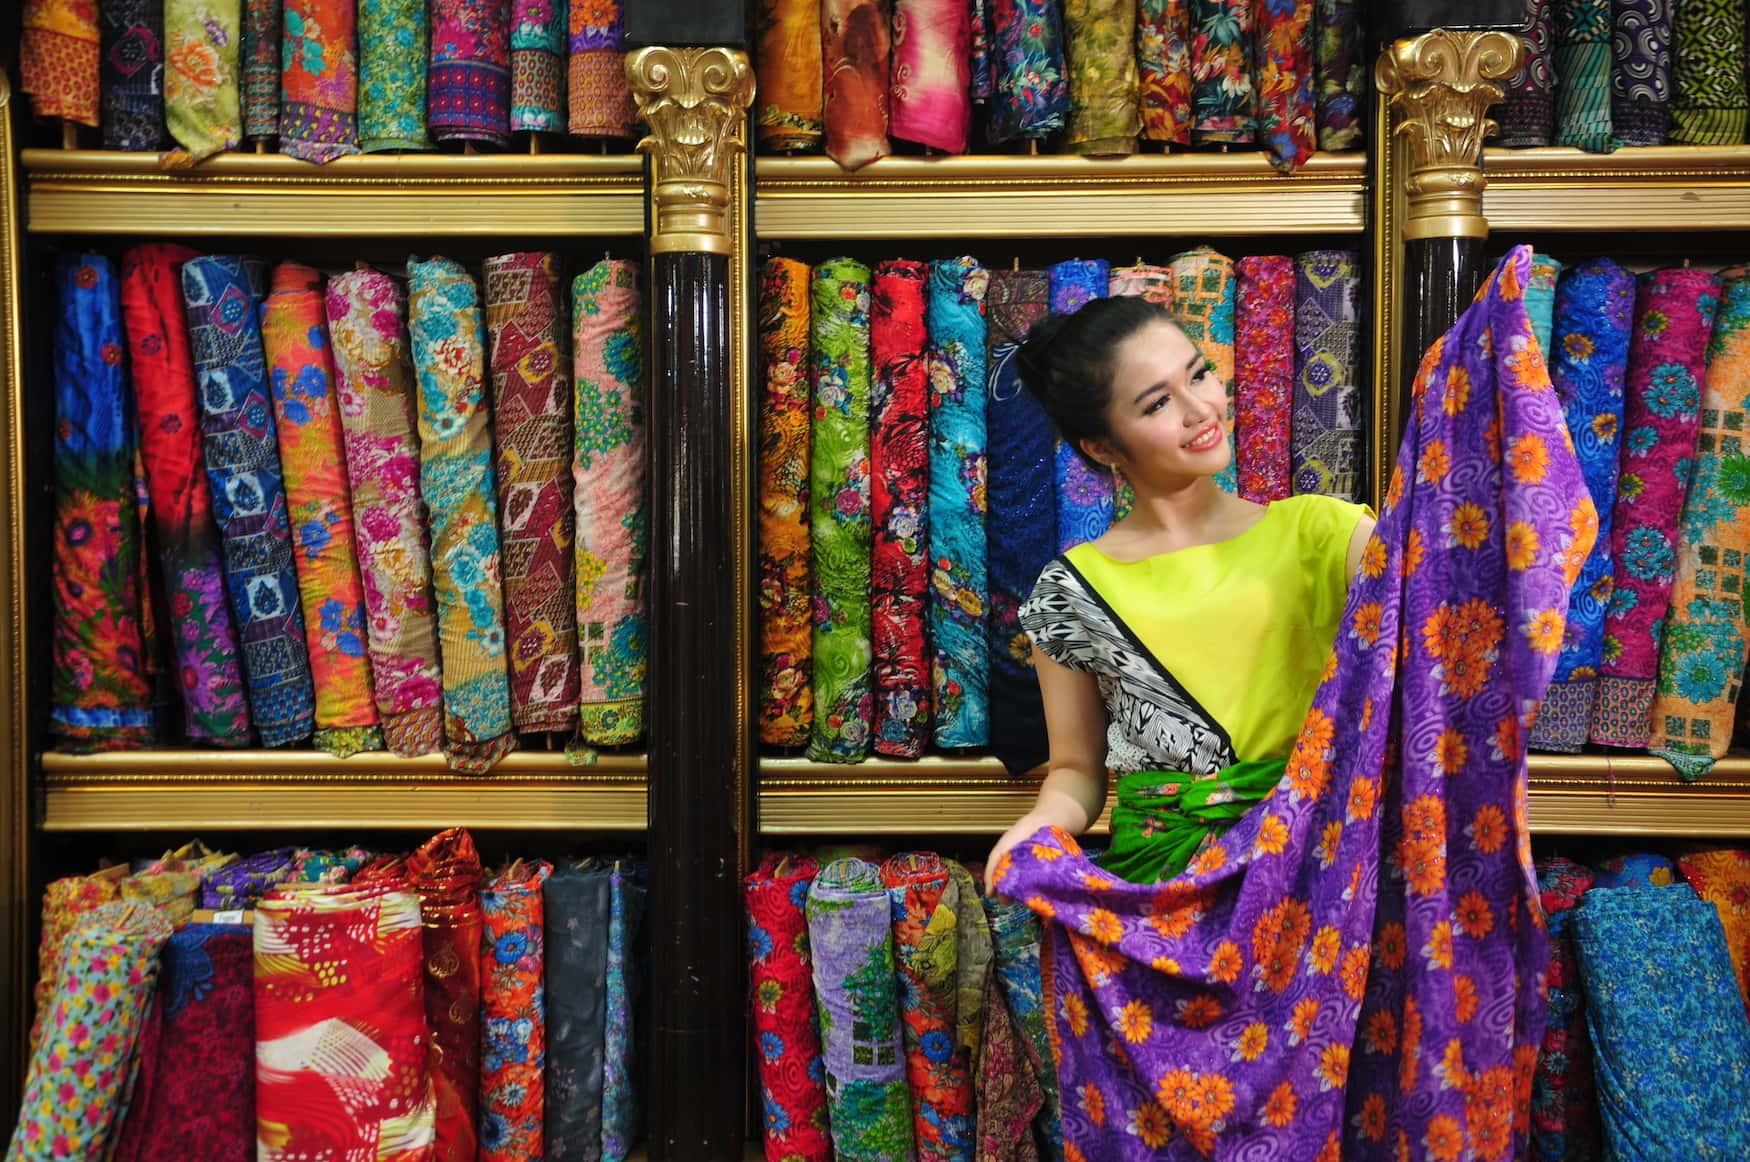 Junge Frau aus Indonesien hält Batiktuch in der Hand